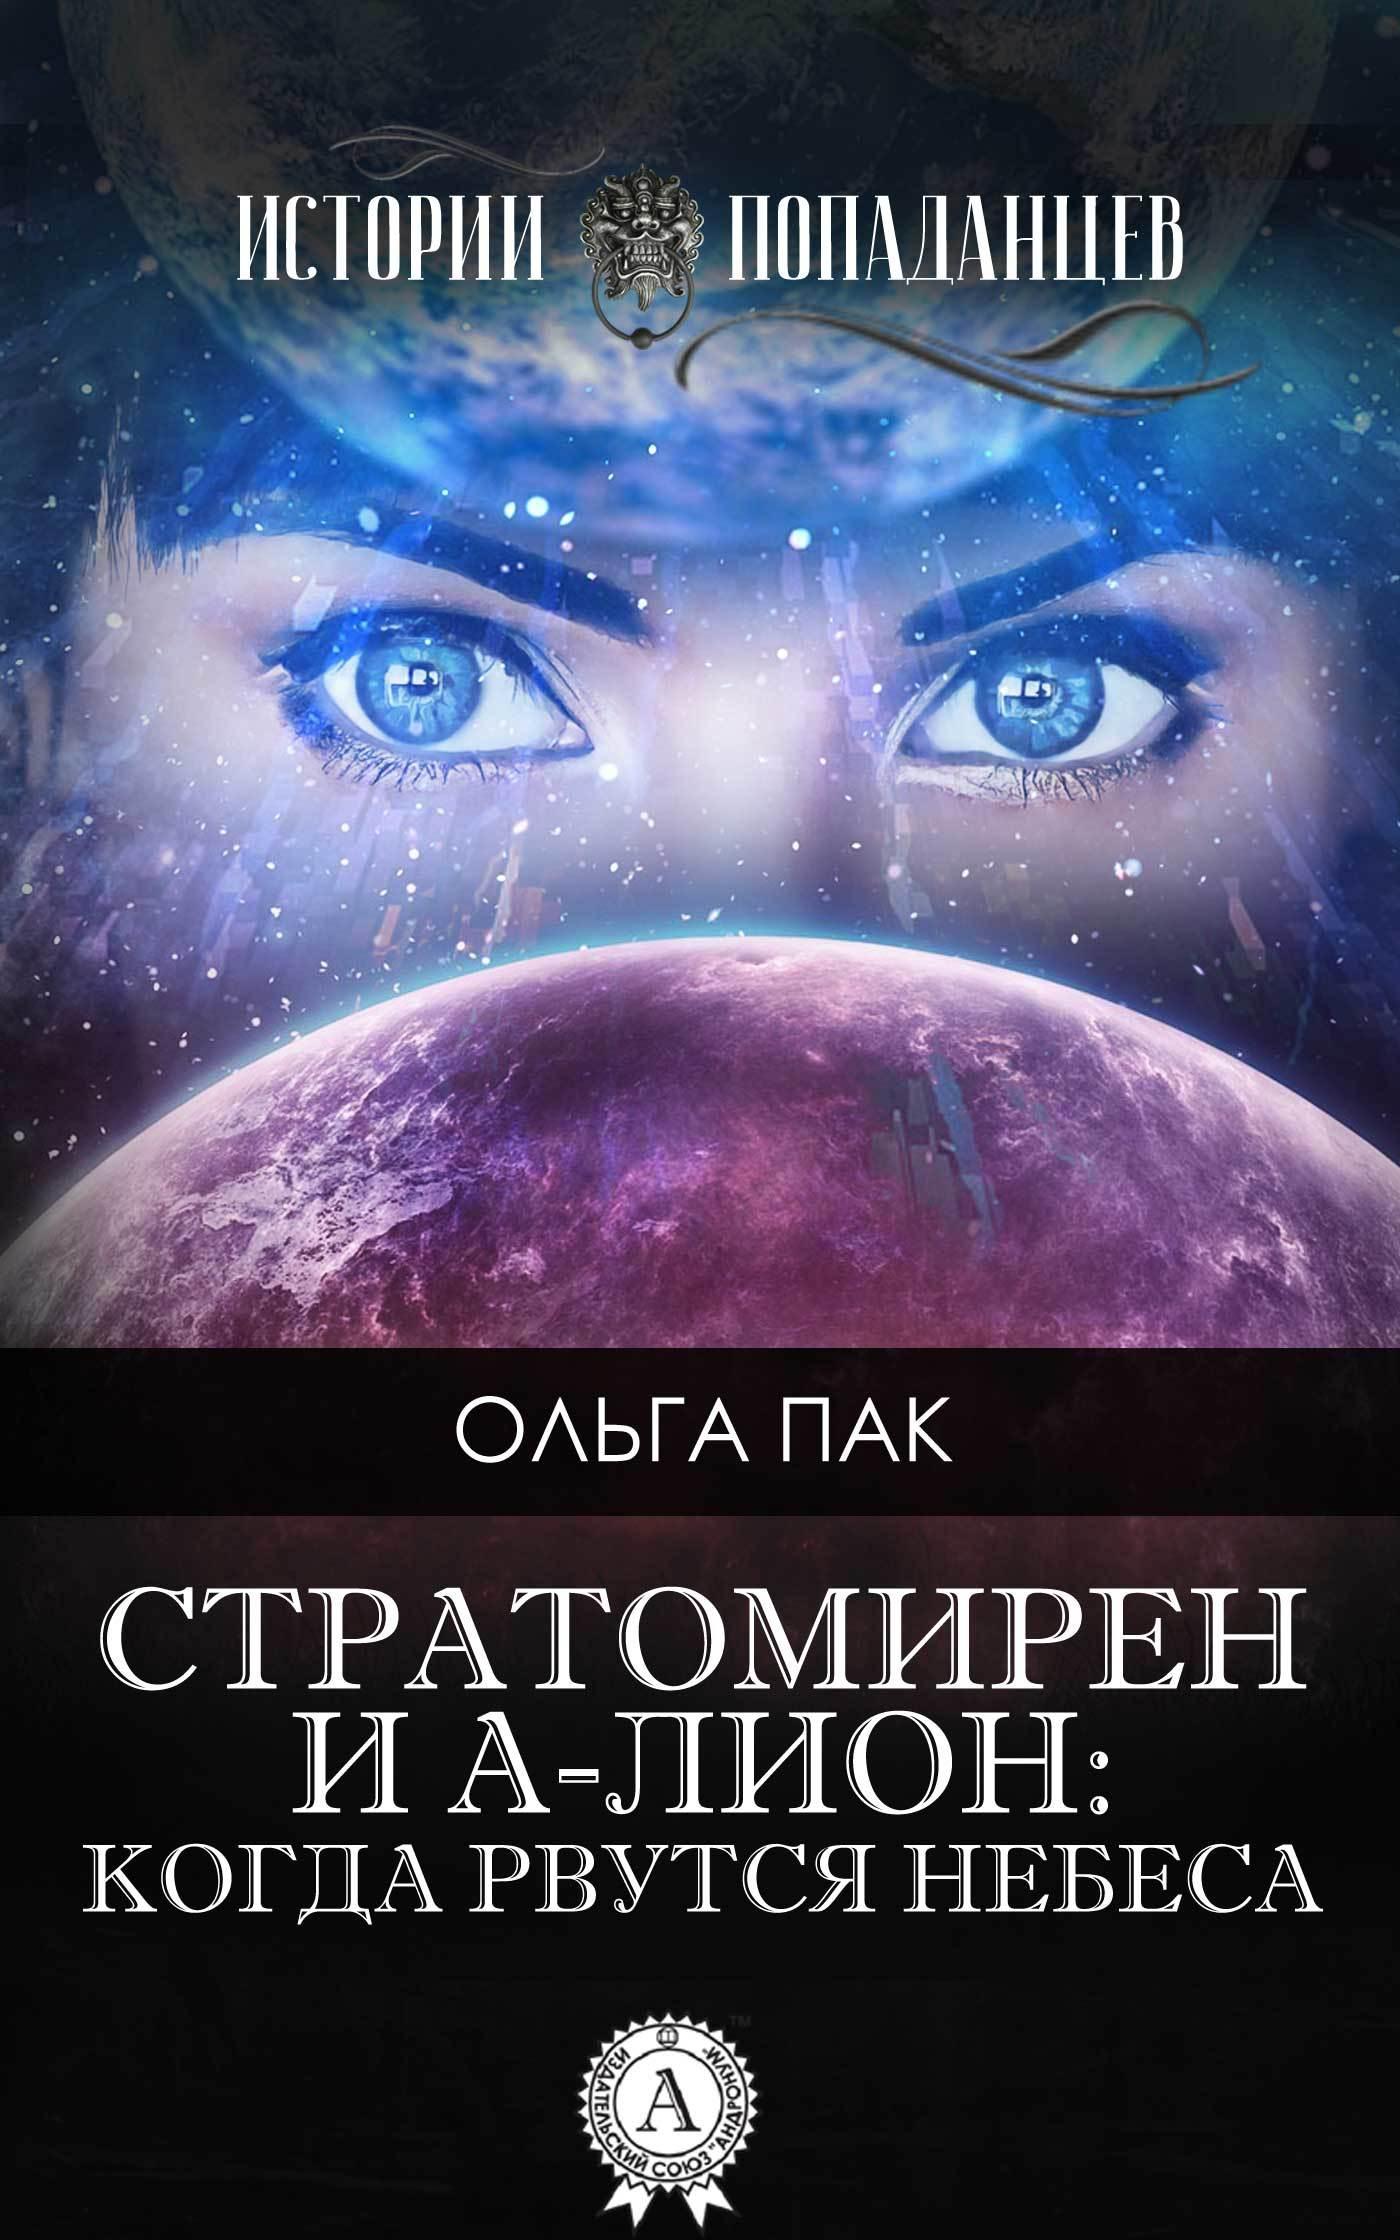 Ольга Пак - Стратомирен и А-Лион: Когда рвутся небеса